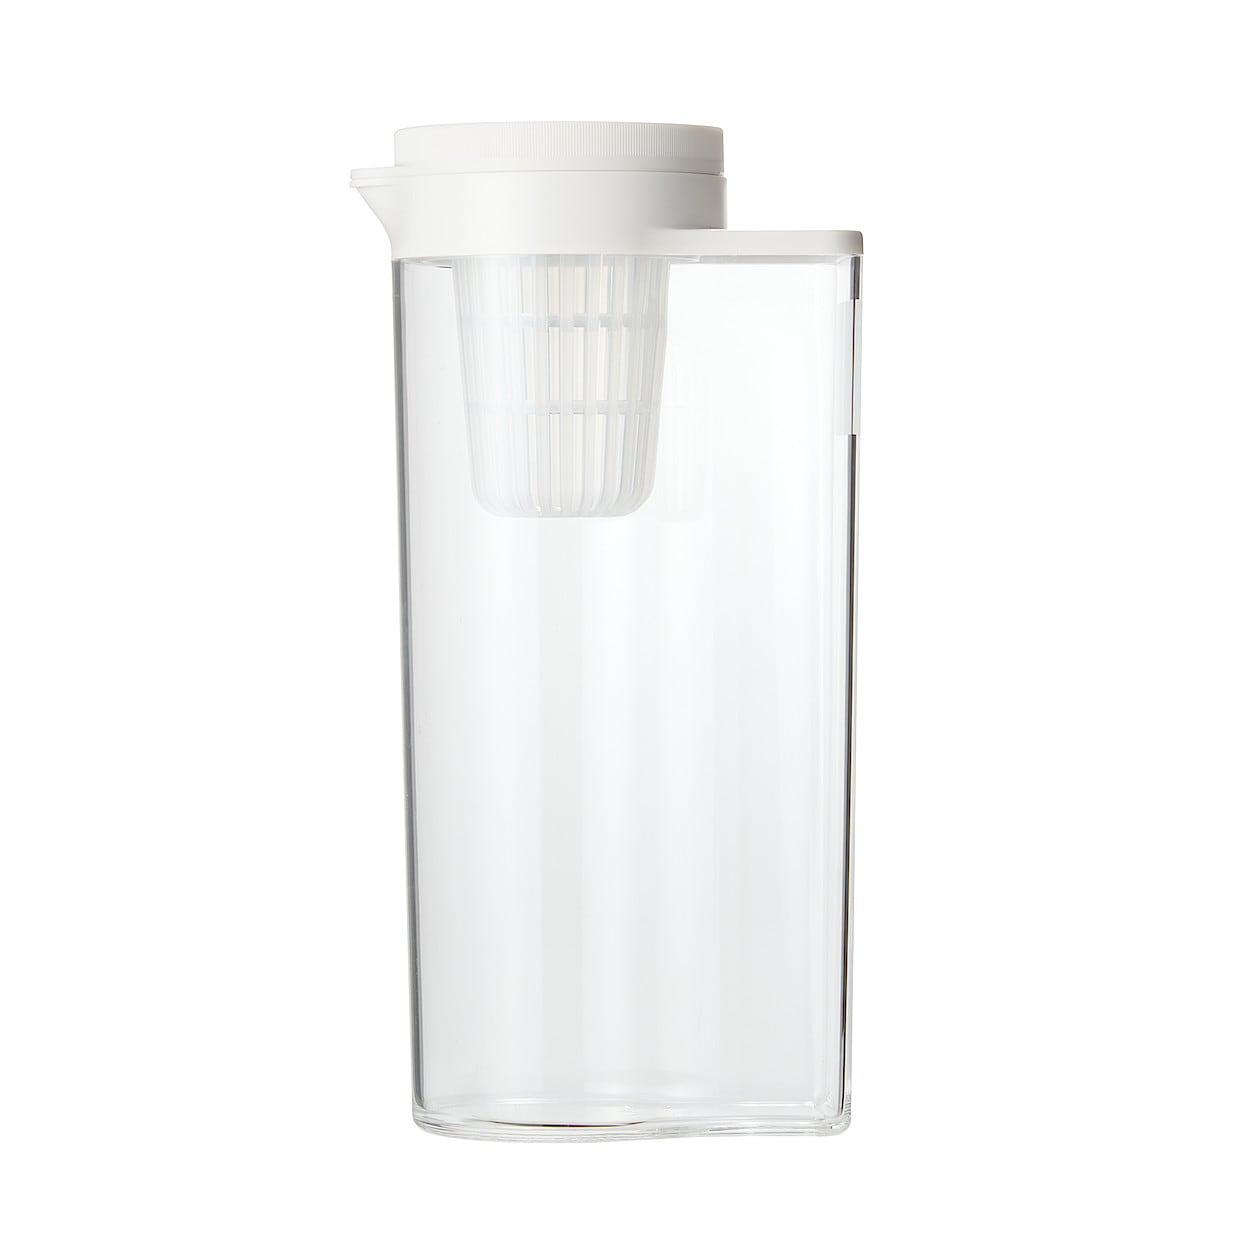 アクリル冷水筒 冷水専用約2L